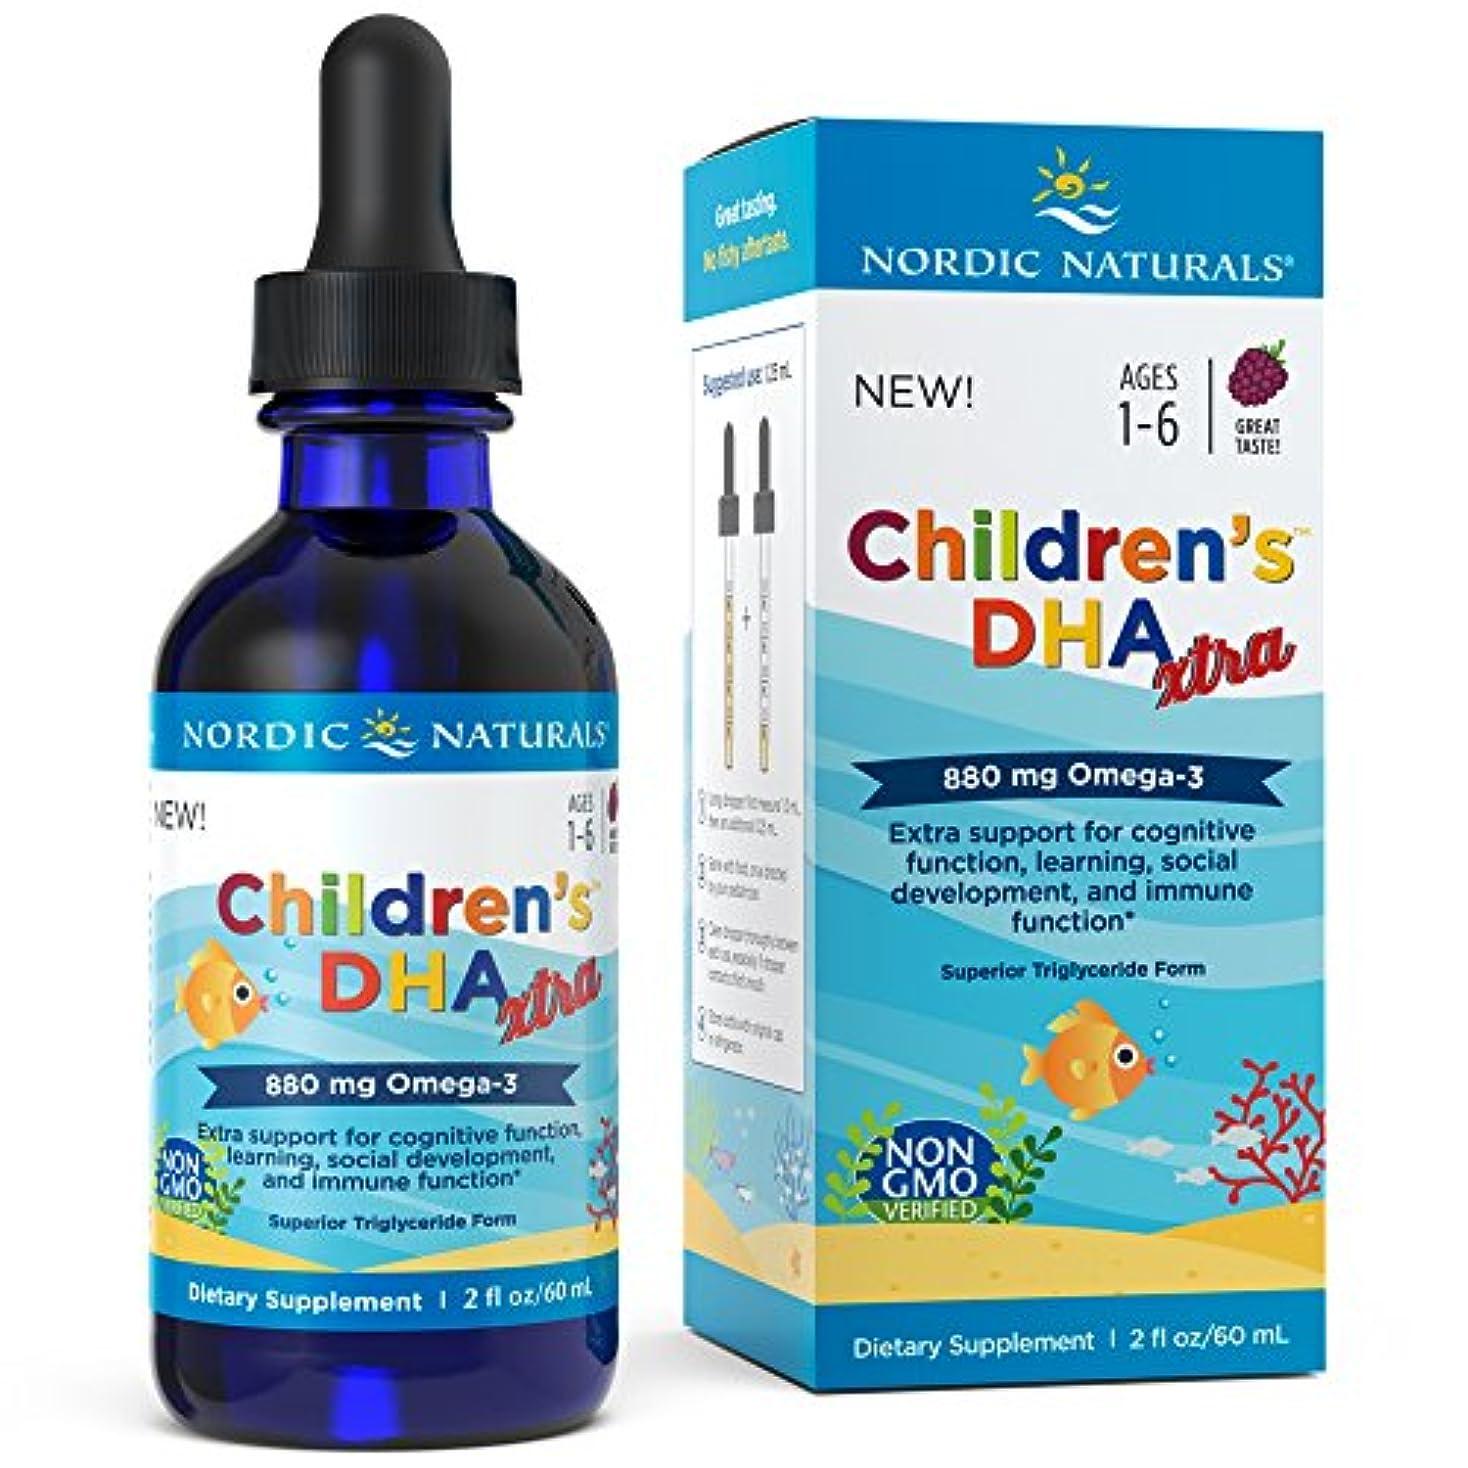 あいまいさコークス受信機Nordic Naturals Childrens DHA Xtra 子供用 DHA エクストラ ベリーパンチ味 880 mg 2 fl oz [海外直送品]